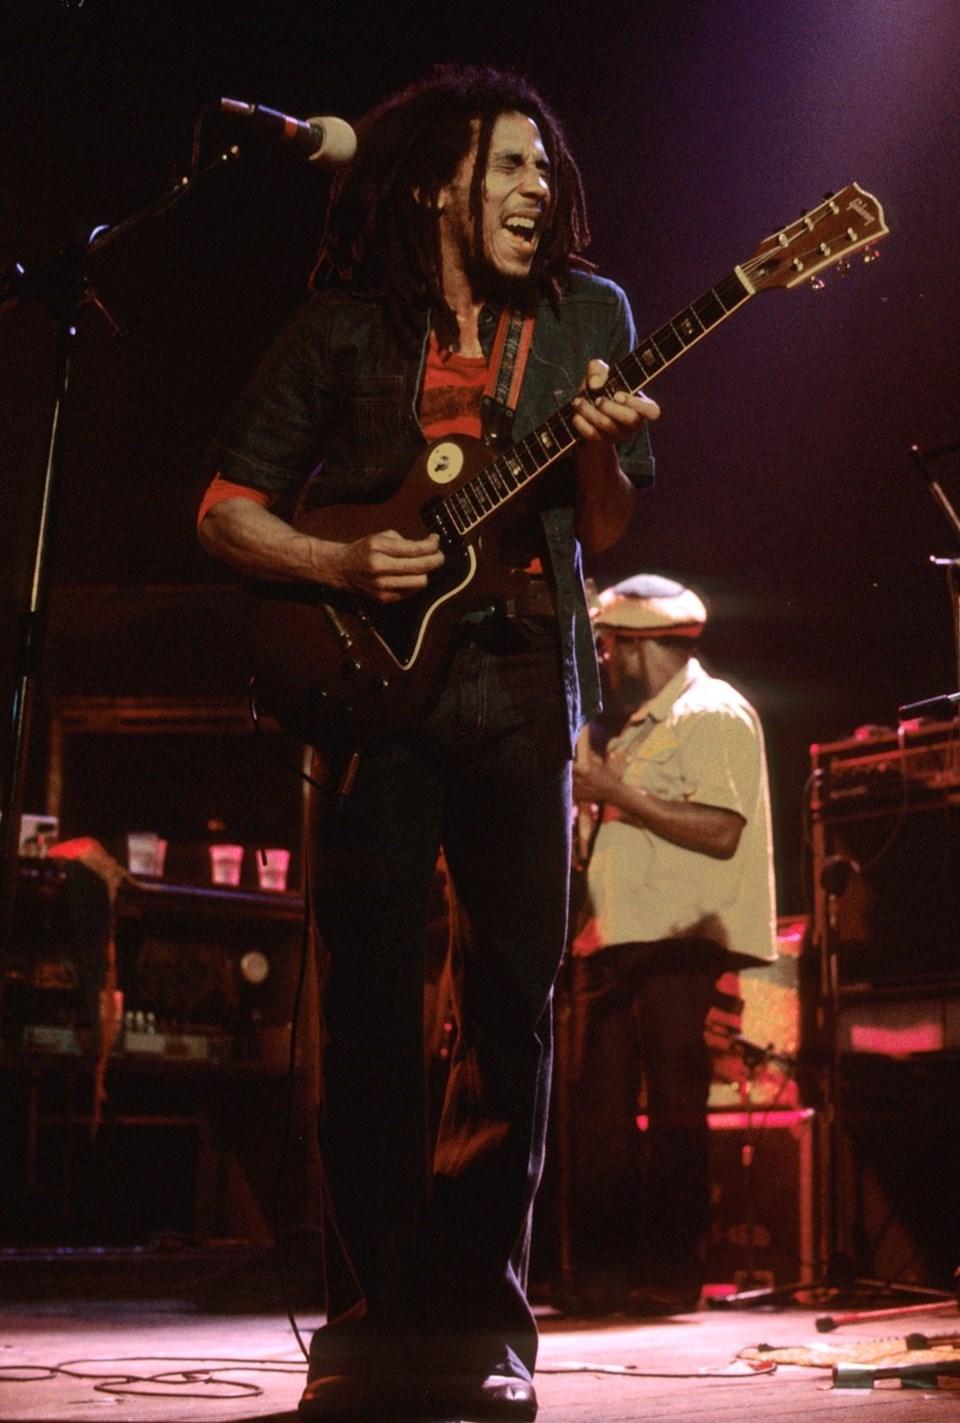 Bunny Wailer, çocukluk arkadaşı Bob Marley ile kurduklarıThe Wailers grubuyla tanındı.